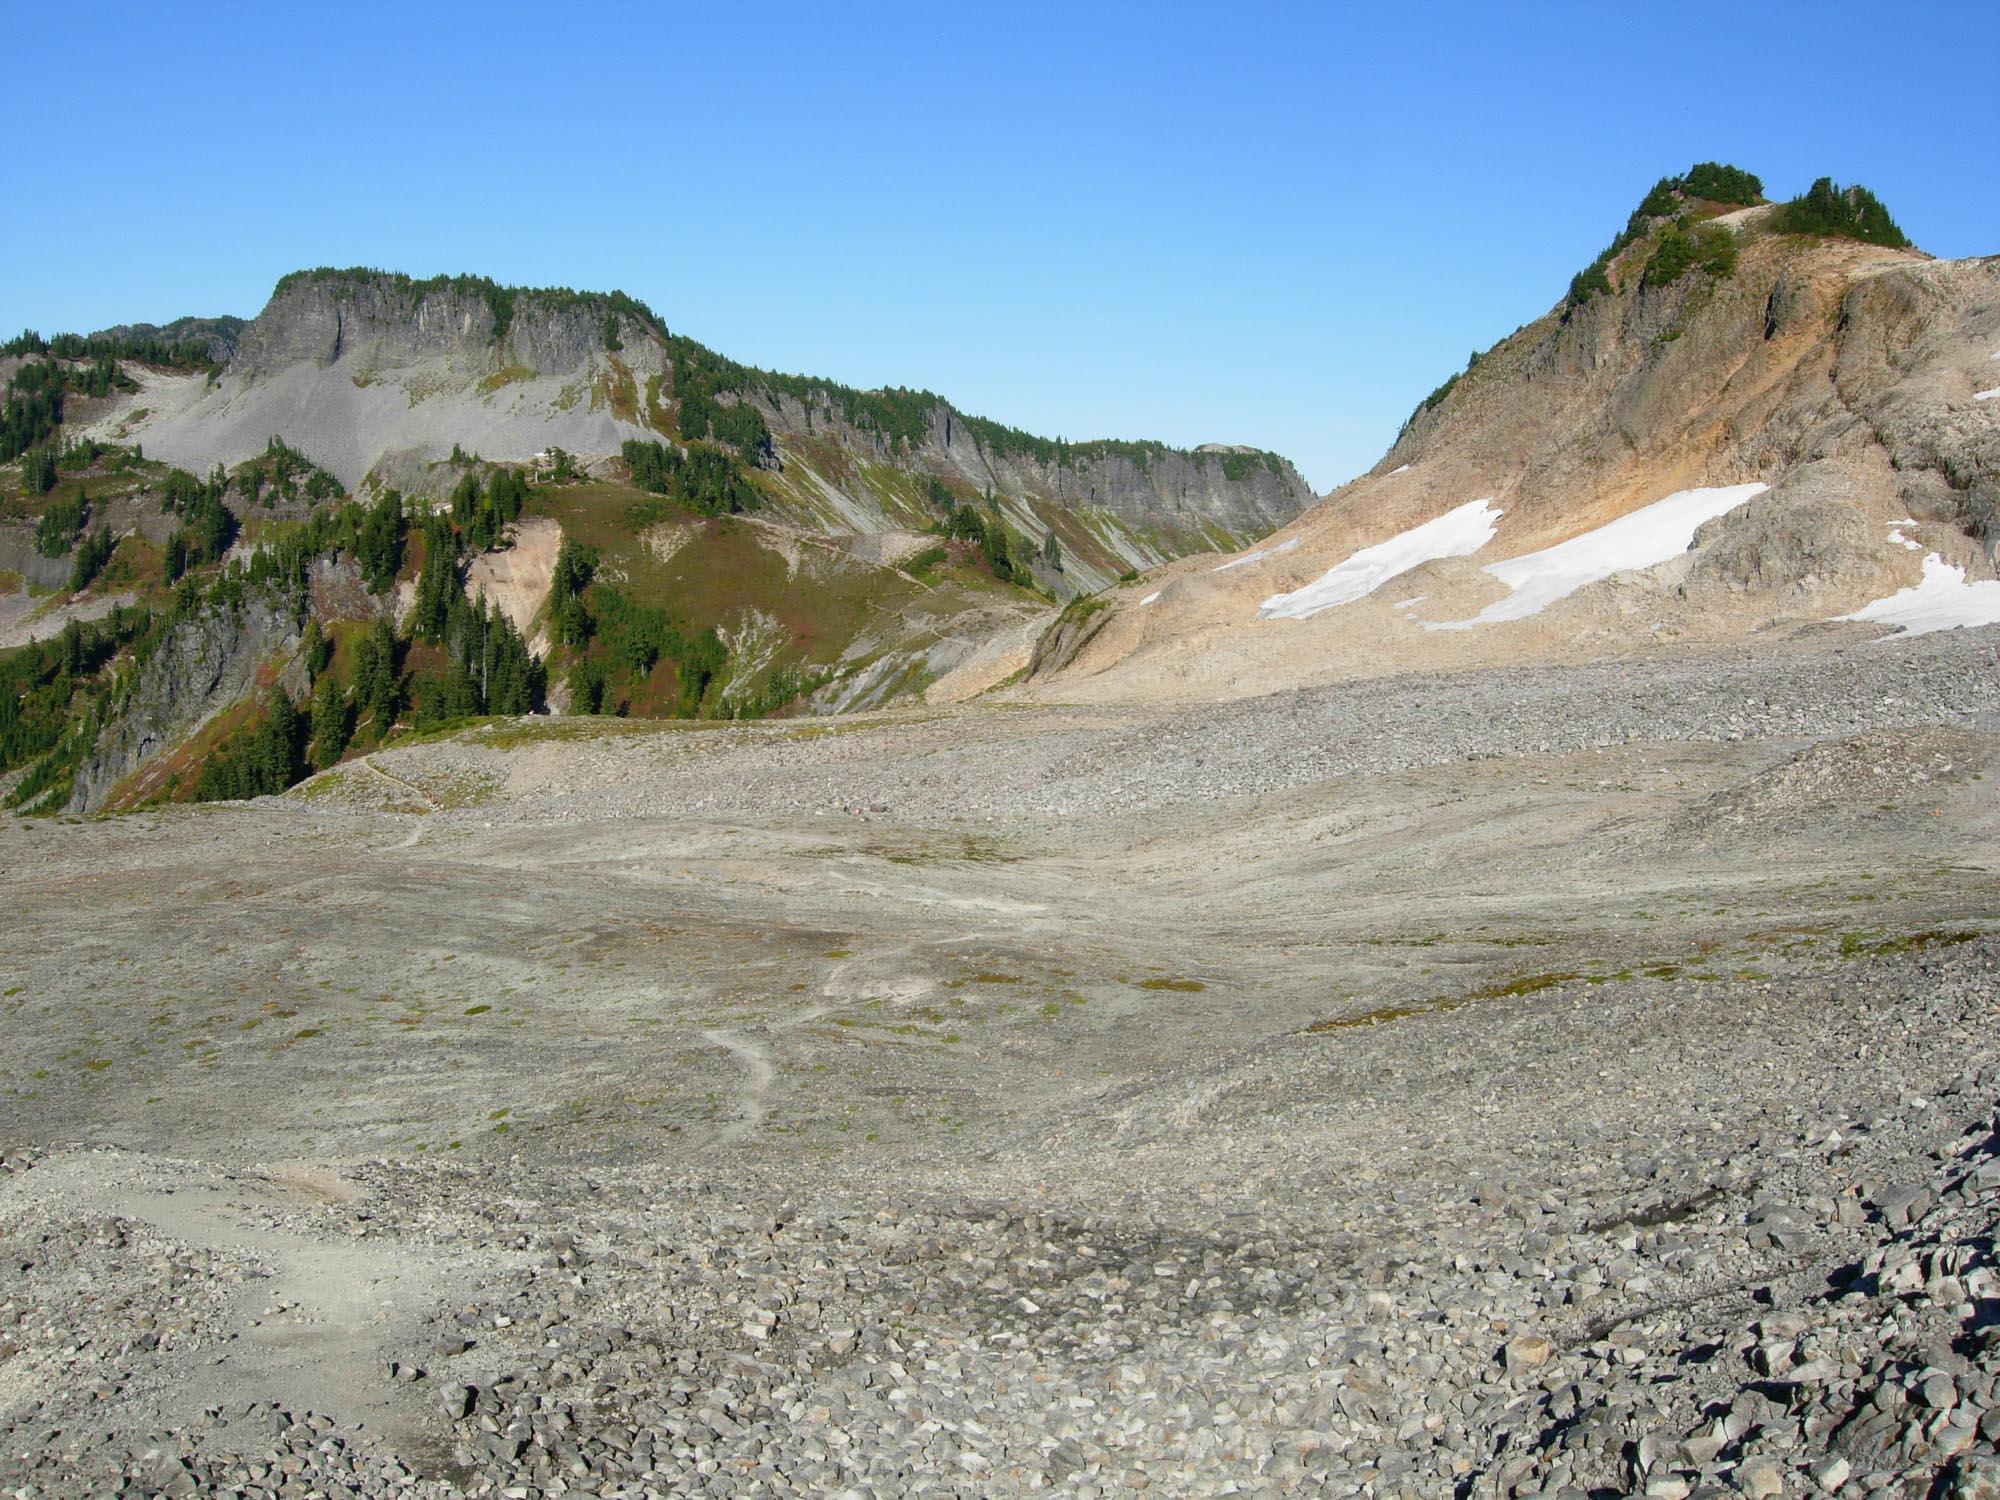 tundralands